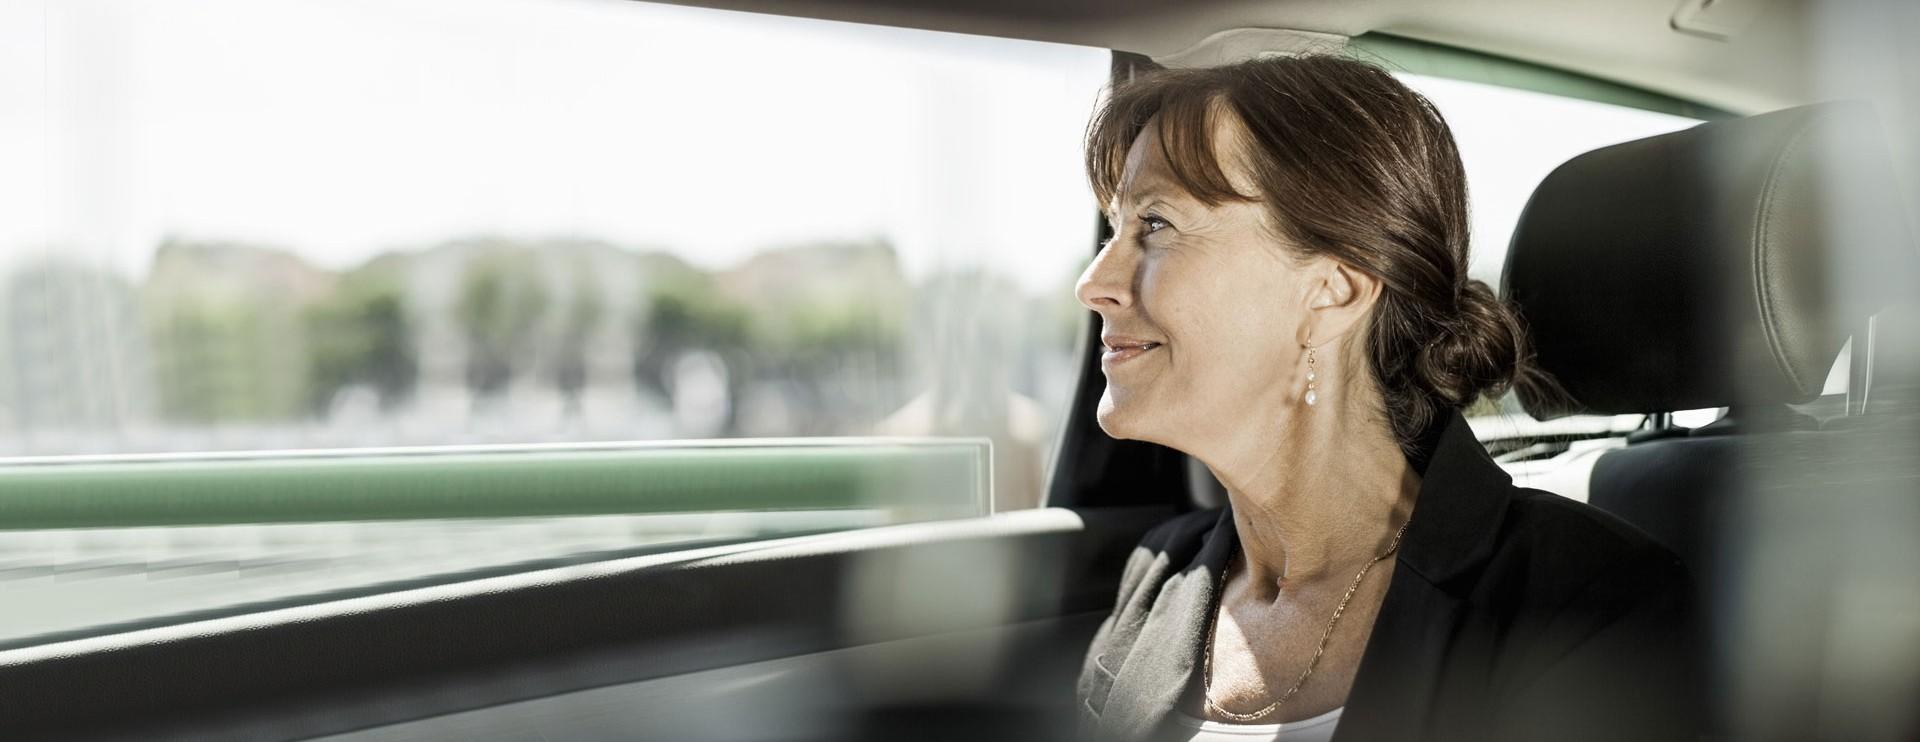 Vrouw kijkt naar buiten vanop de achterbank van een auto